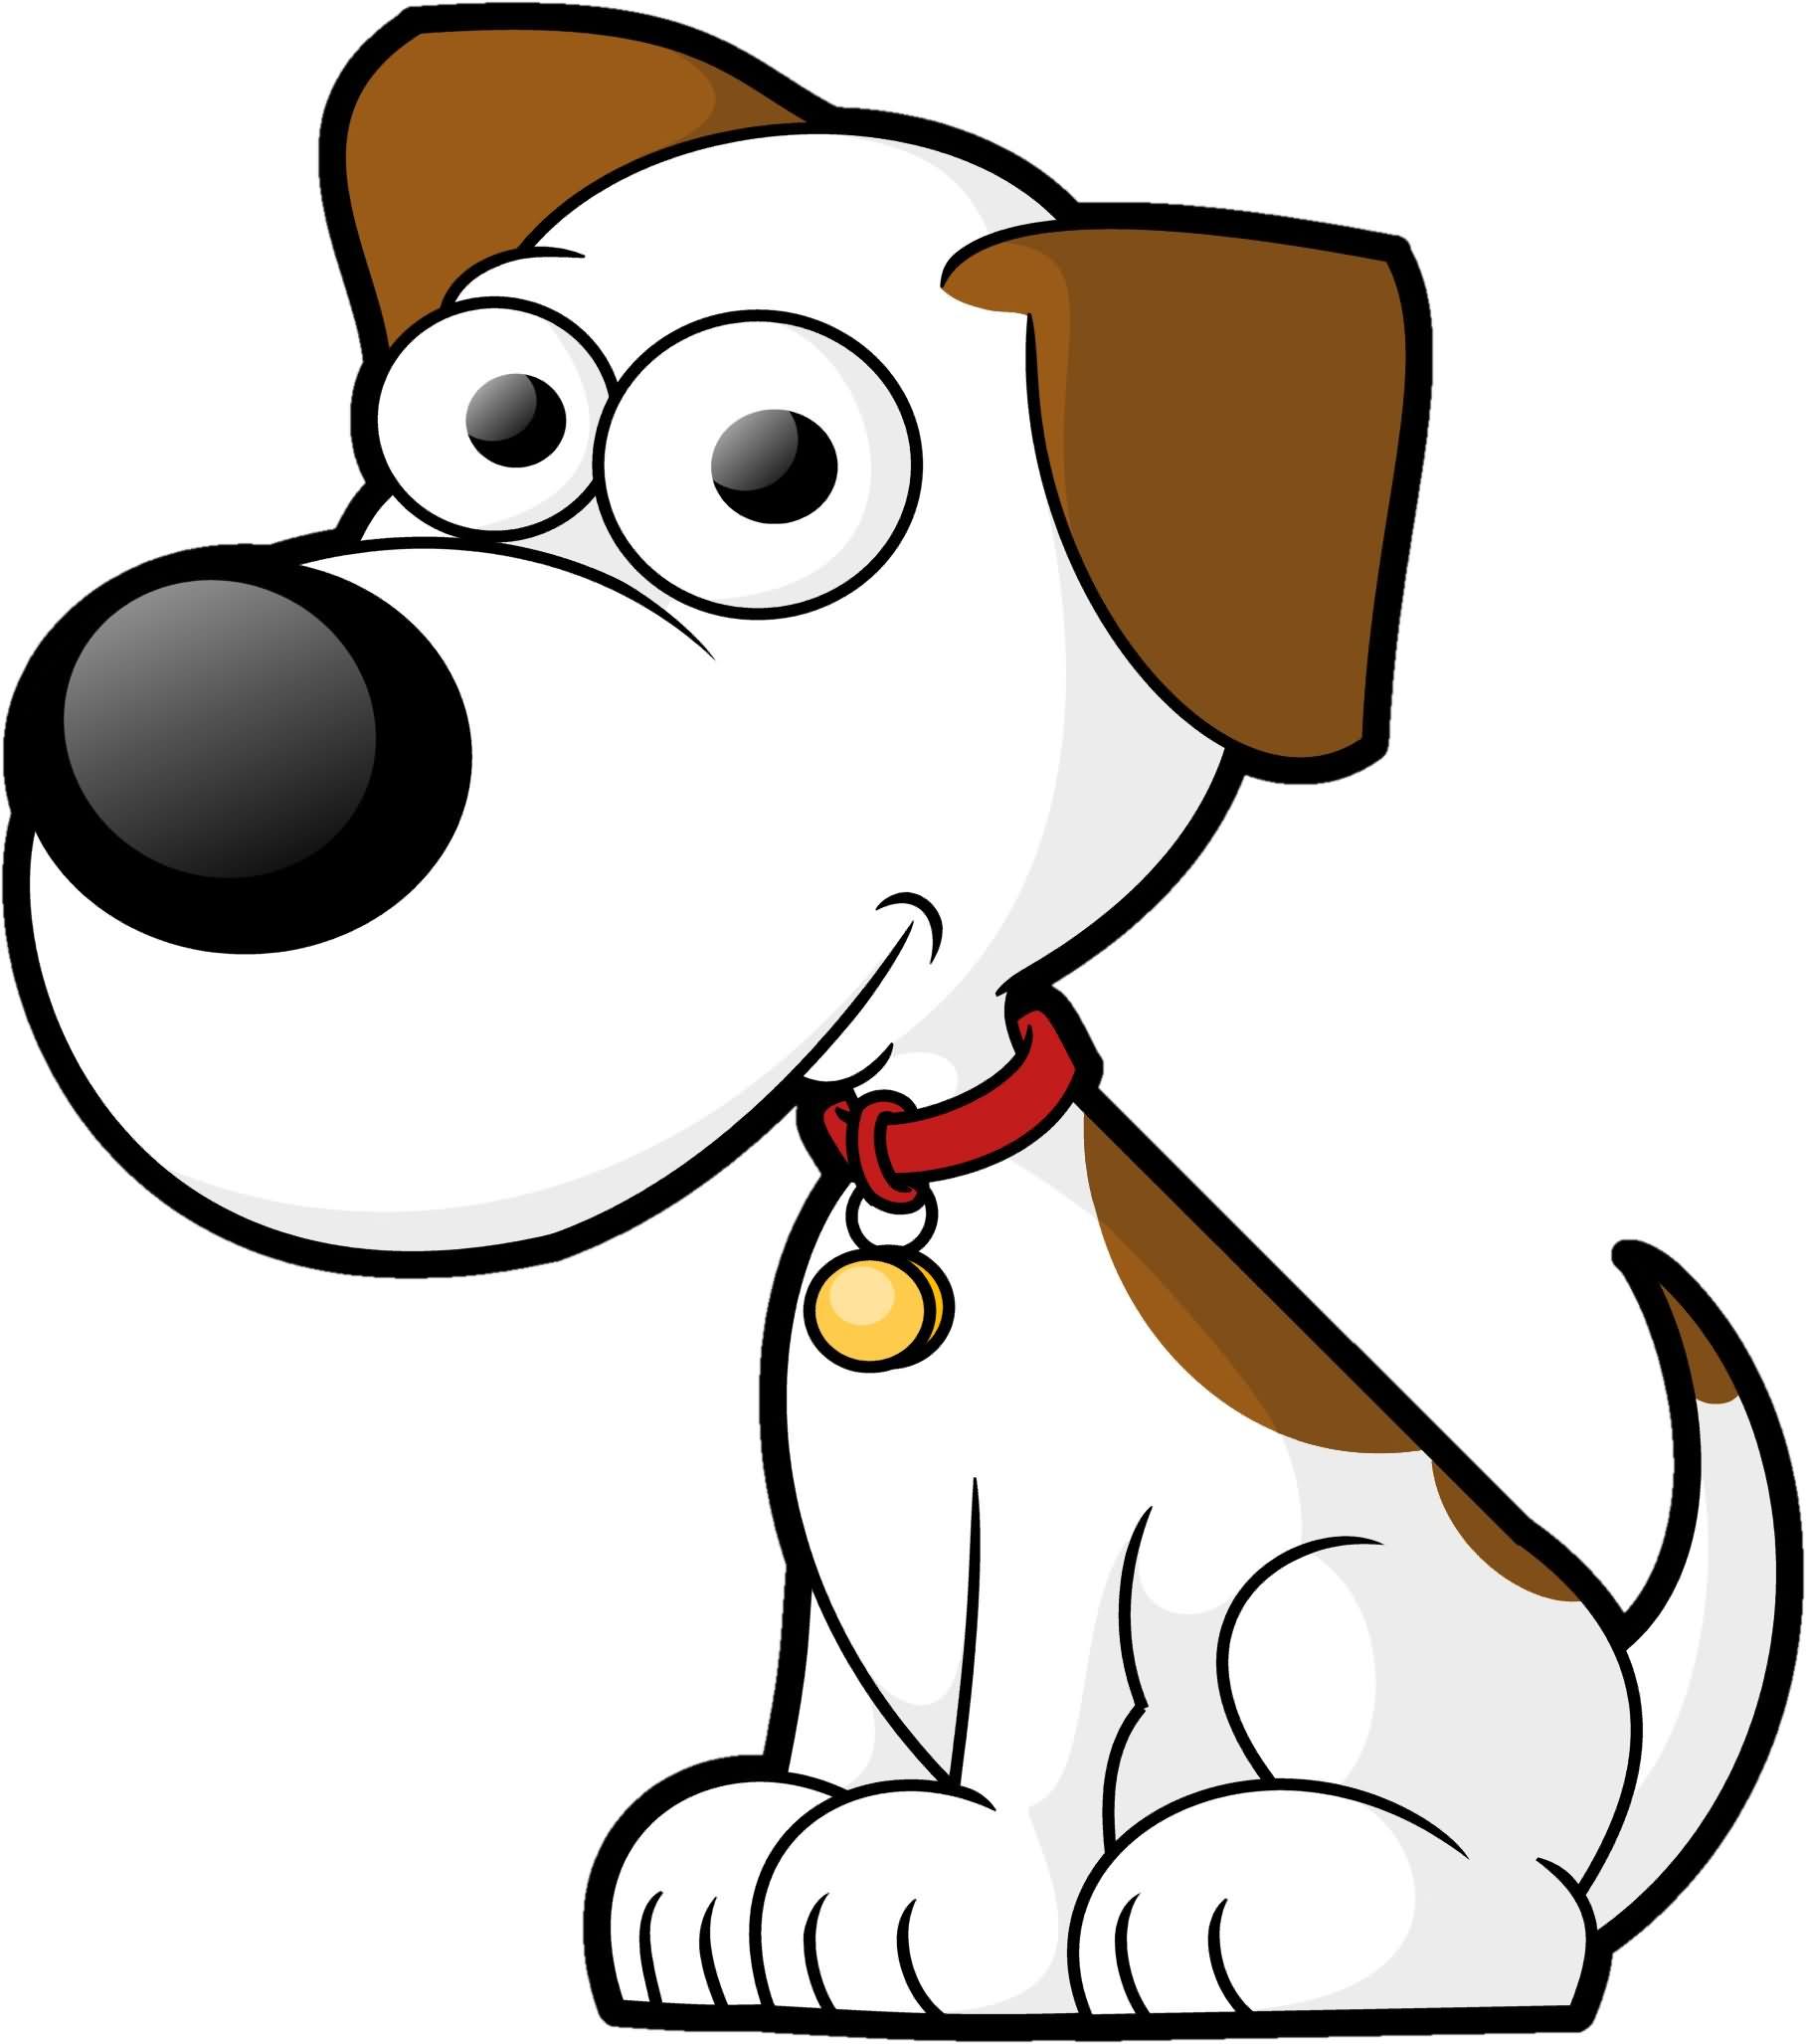 1816x2055 White Dog Very Sad Cartoon Image